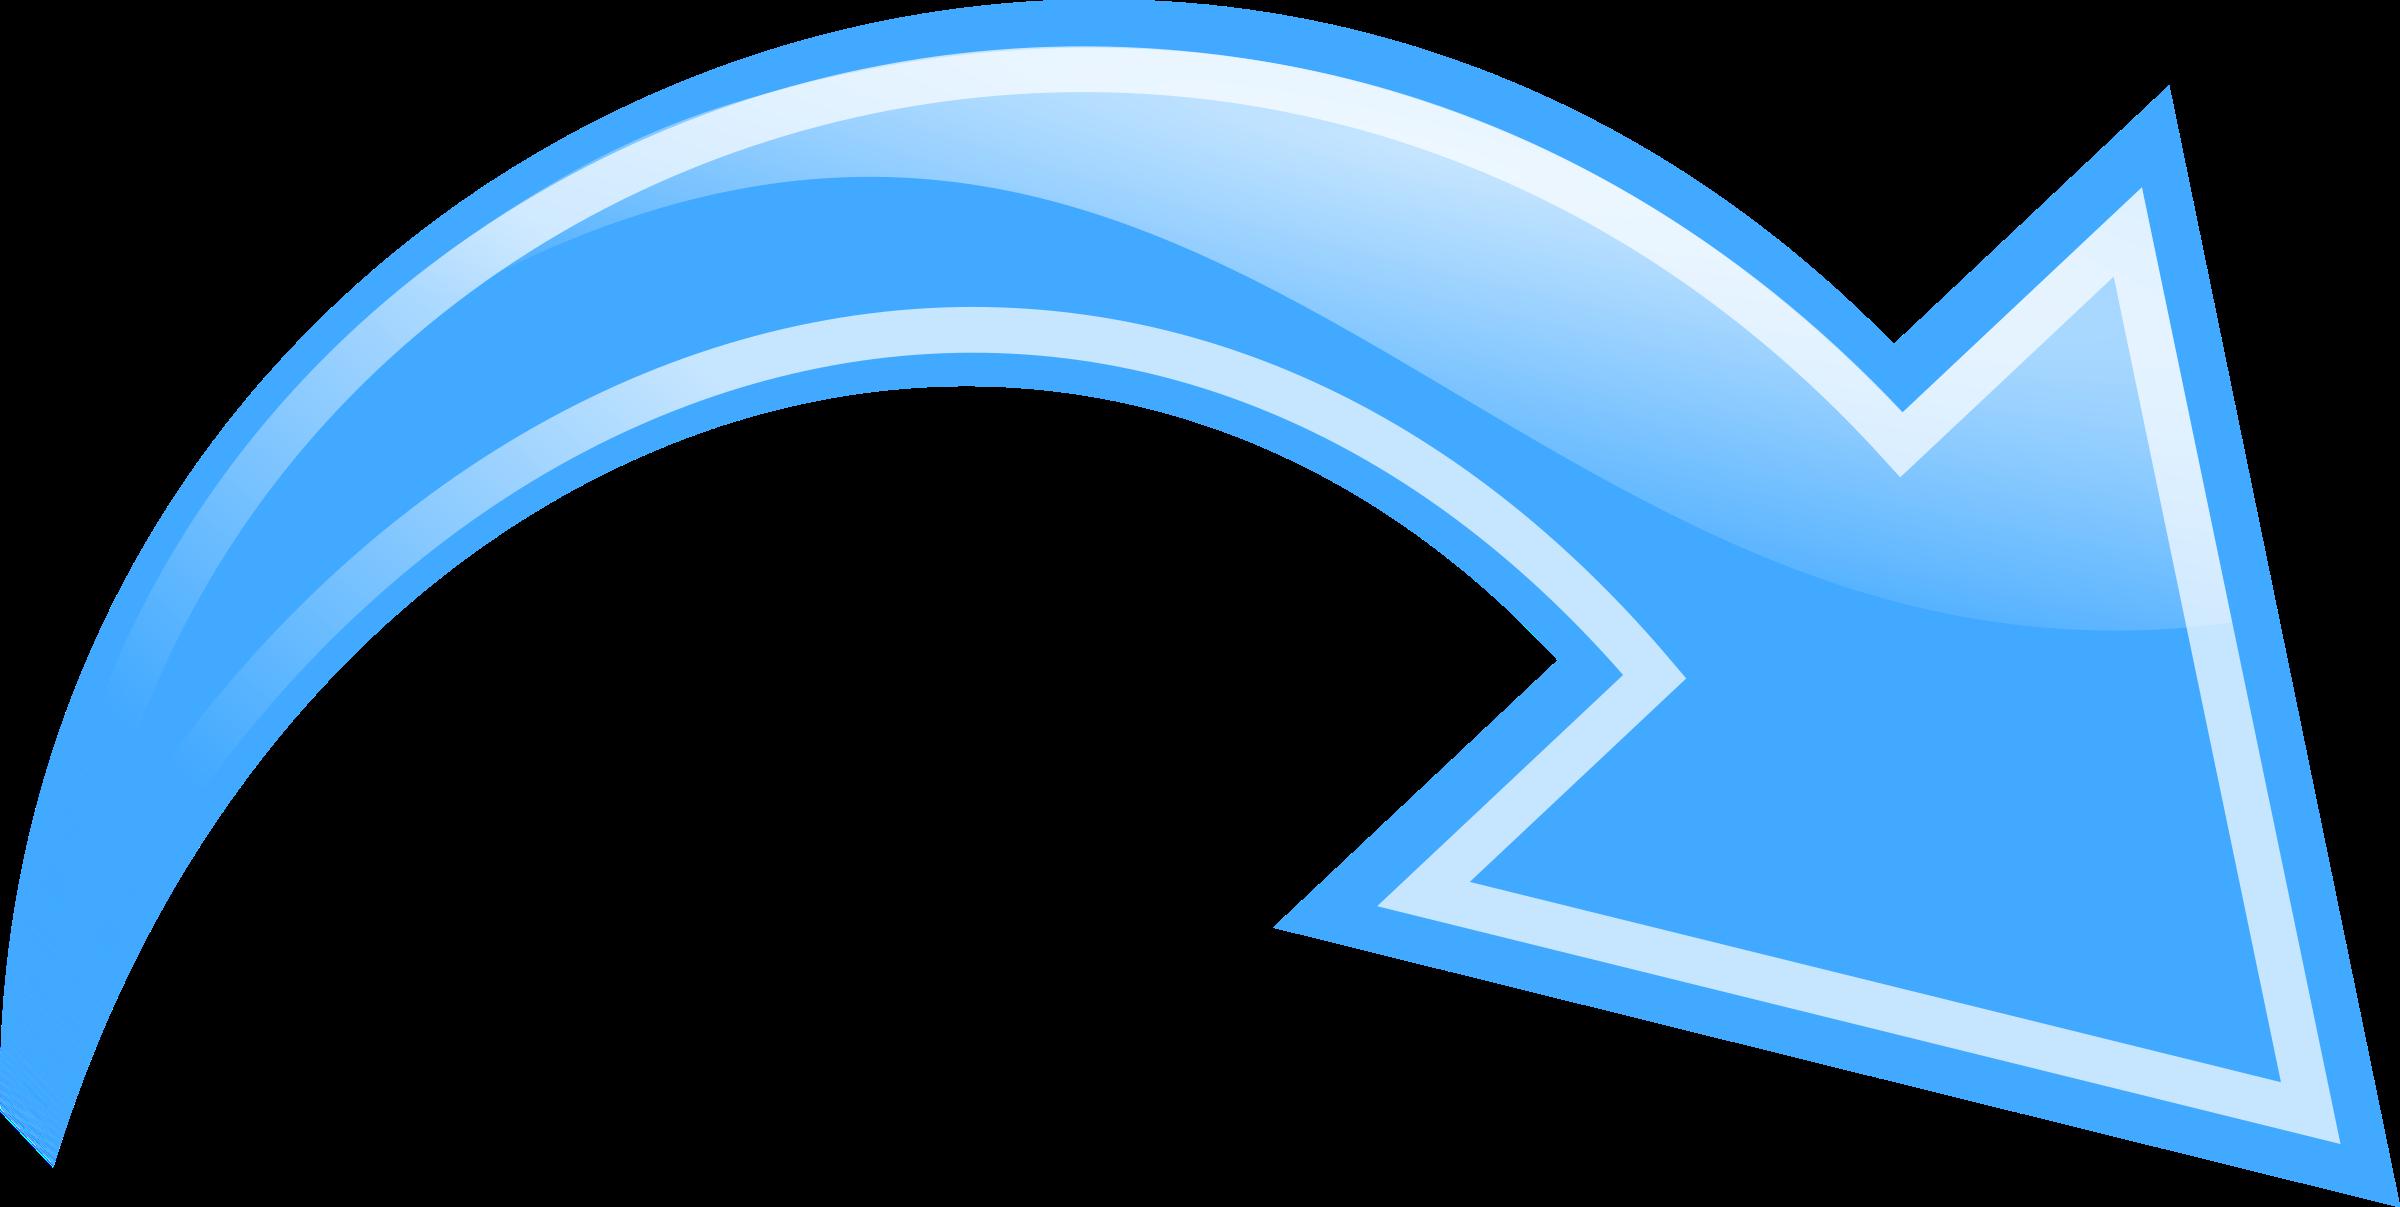 Curved Arrow Blue-Curved Arrow Blue-12